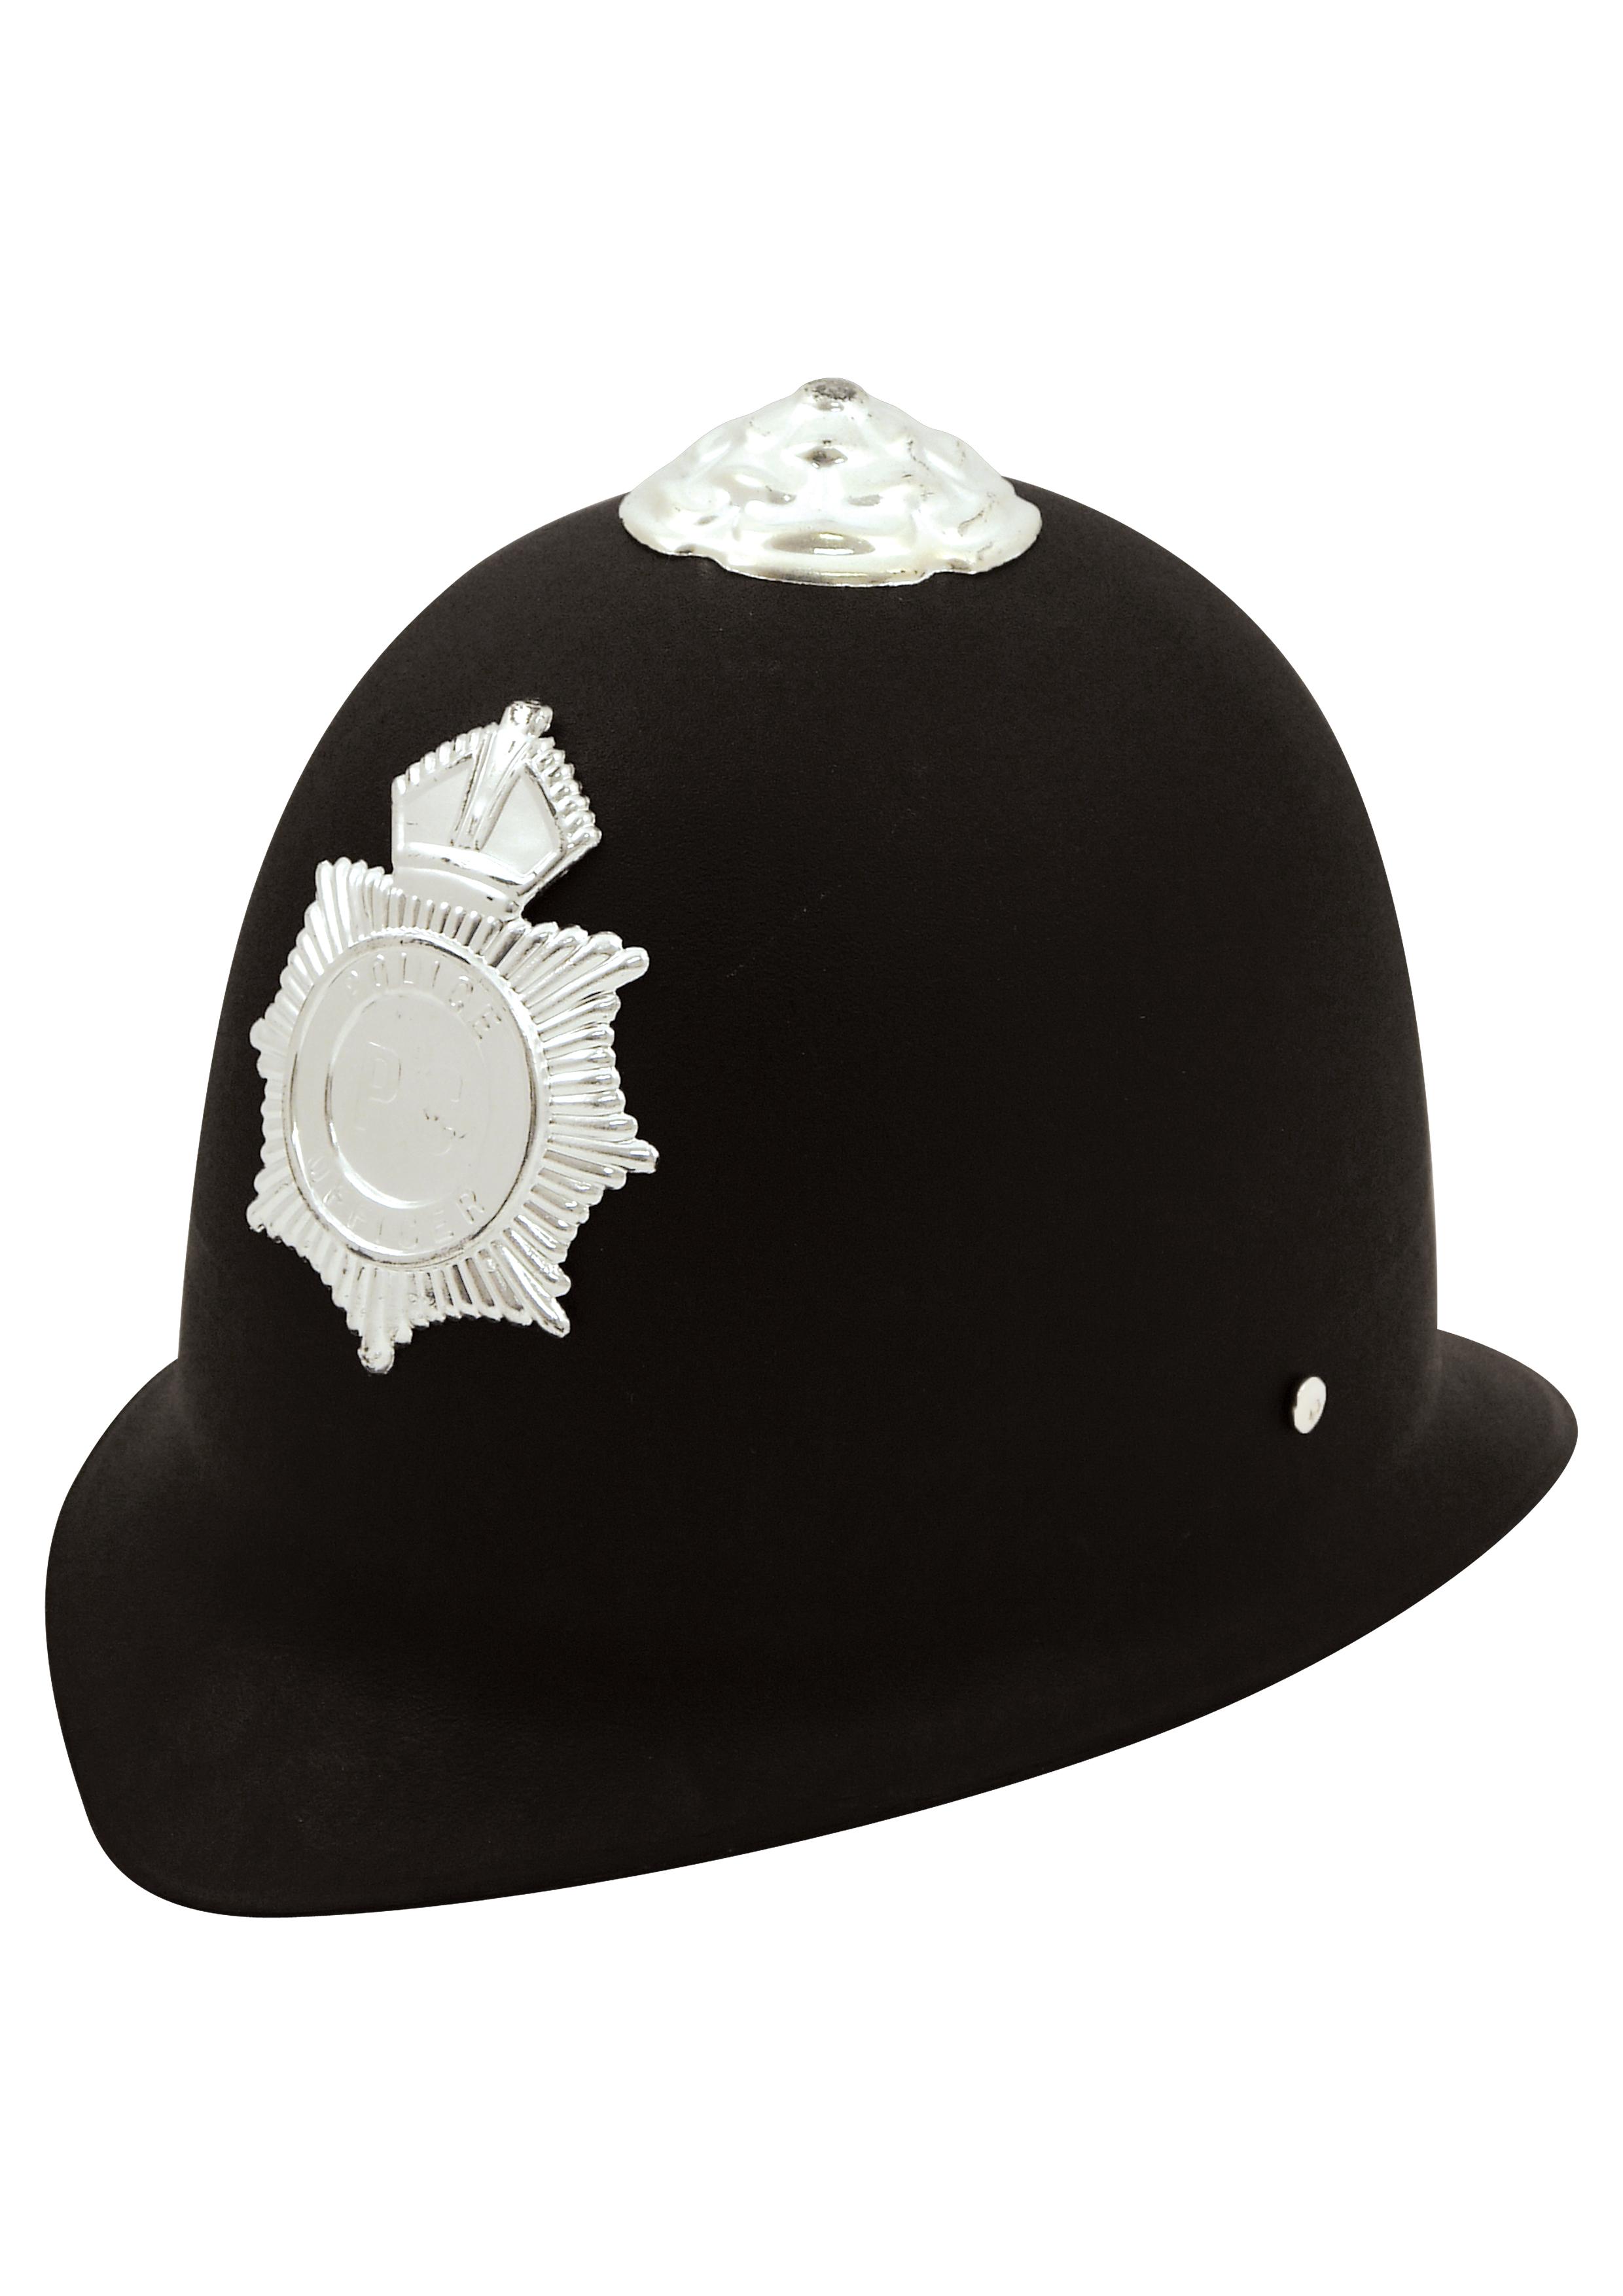 Police Helmet Hat